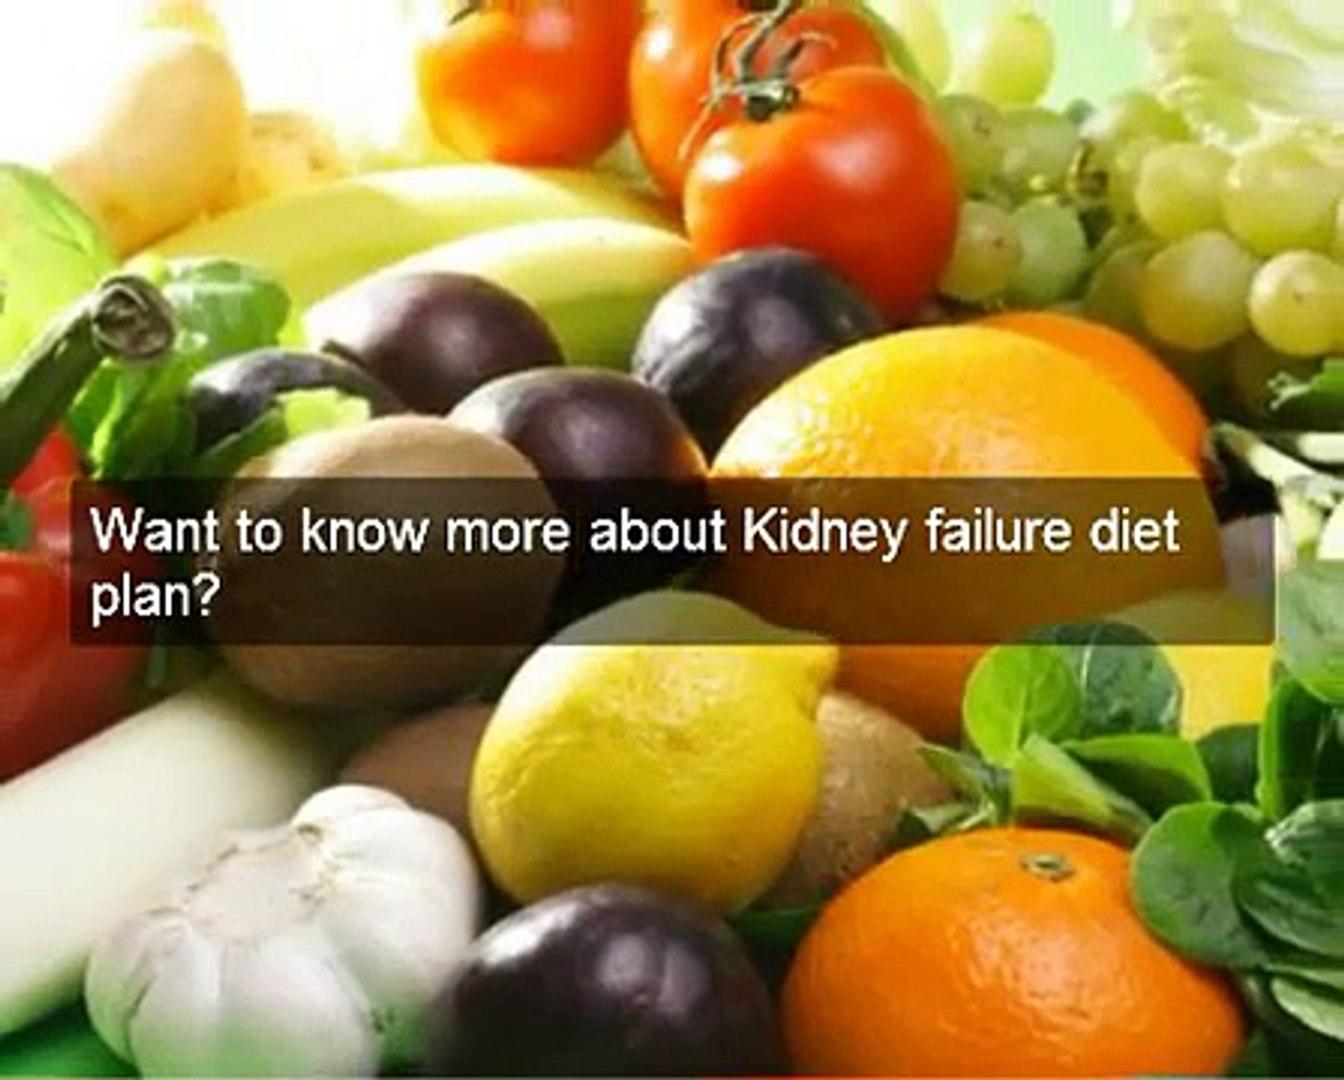 Working kidney failure diet plan. Kidney diet secrets researched & tested kidney failure diet pl